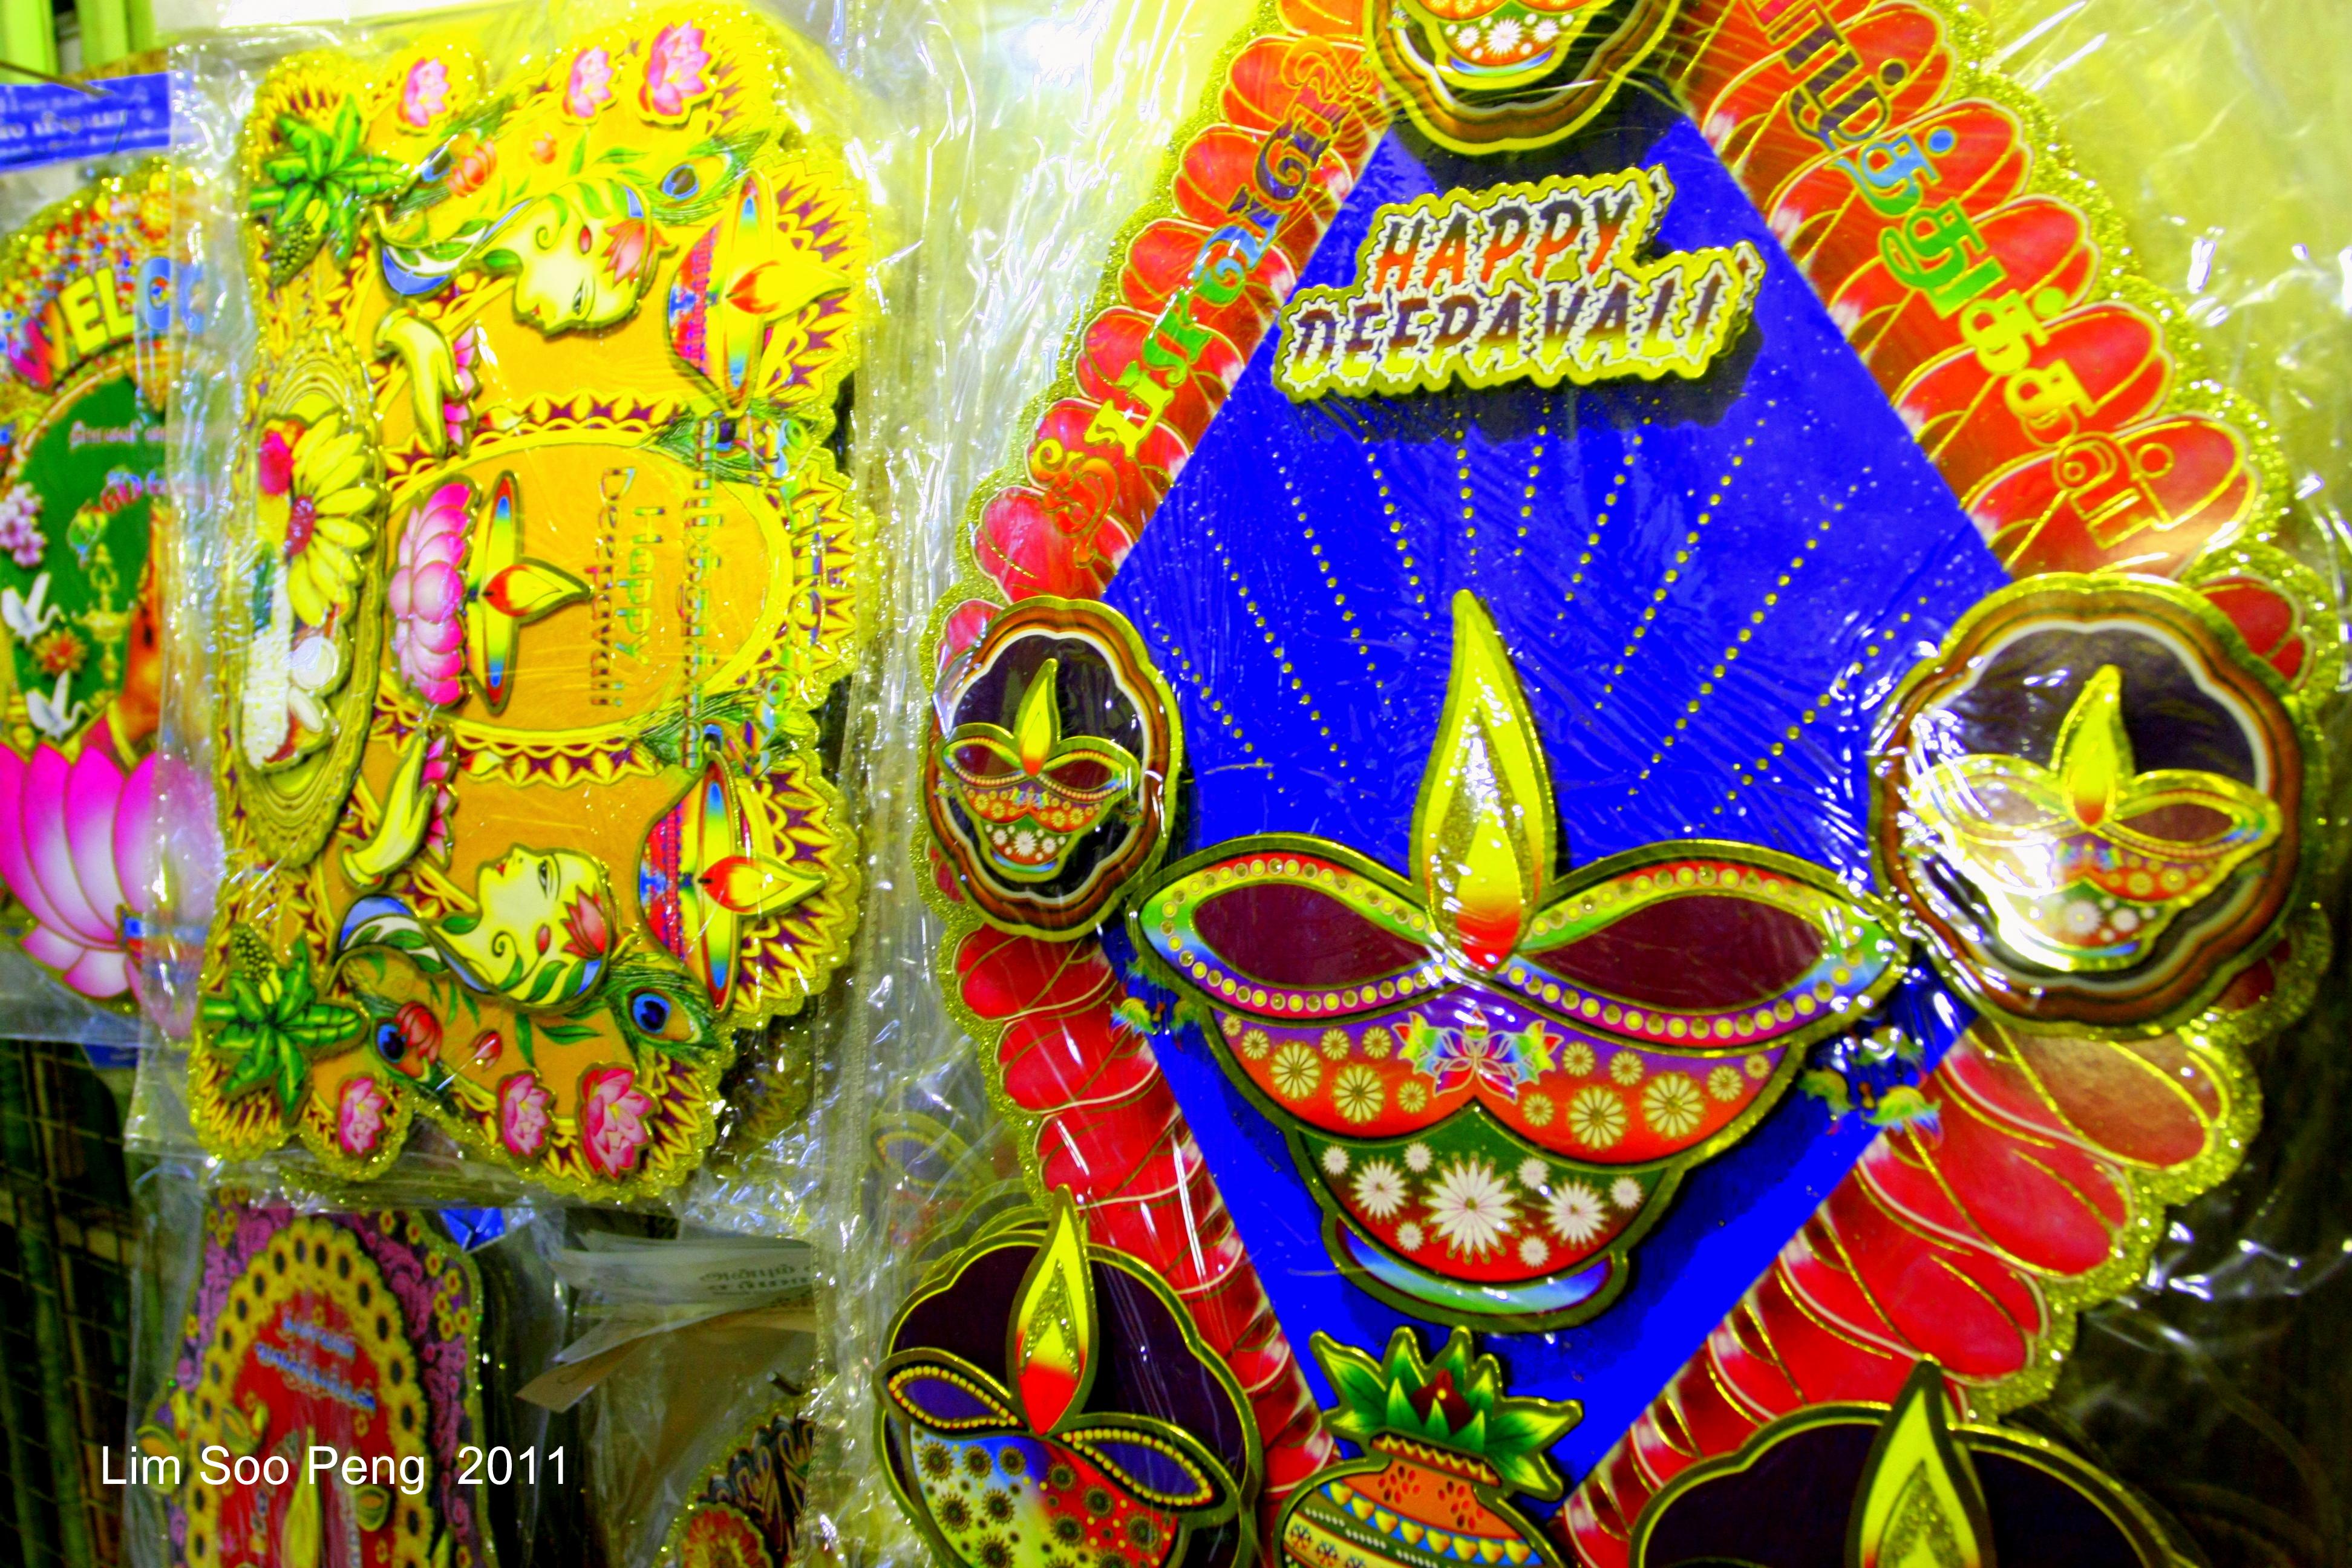 the hindu festival of lights  u2013 diwali or deepavali